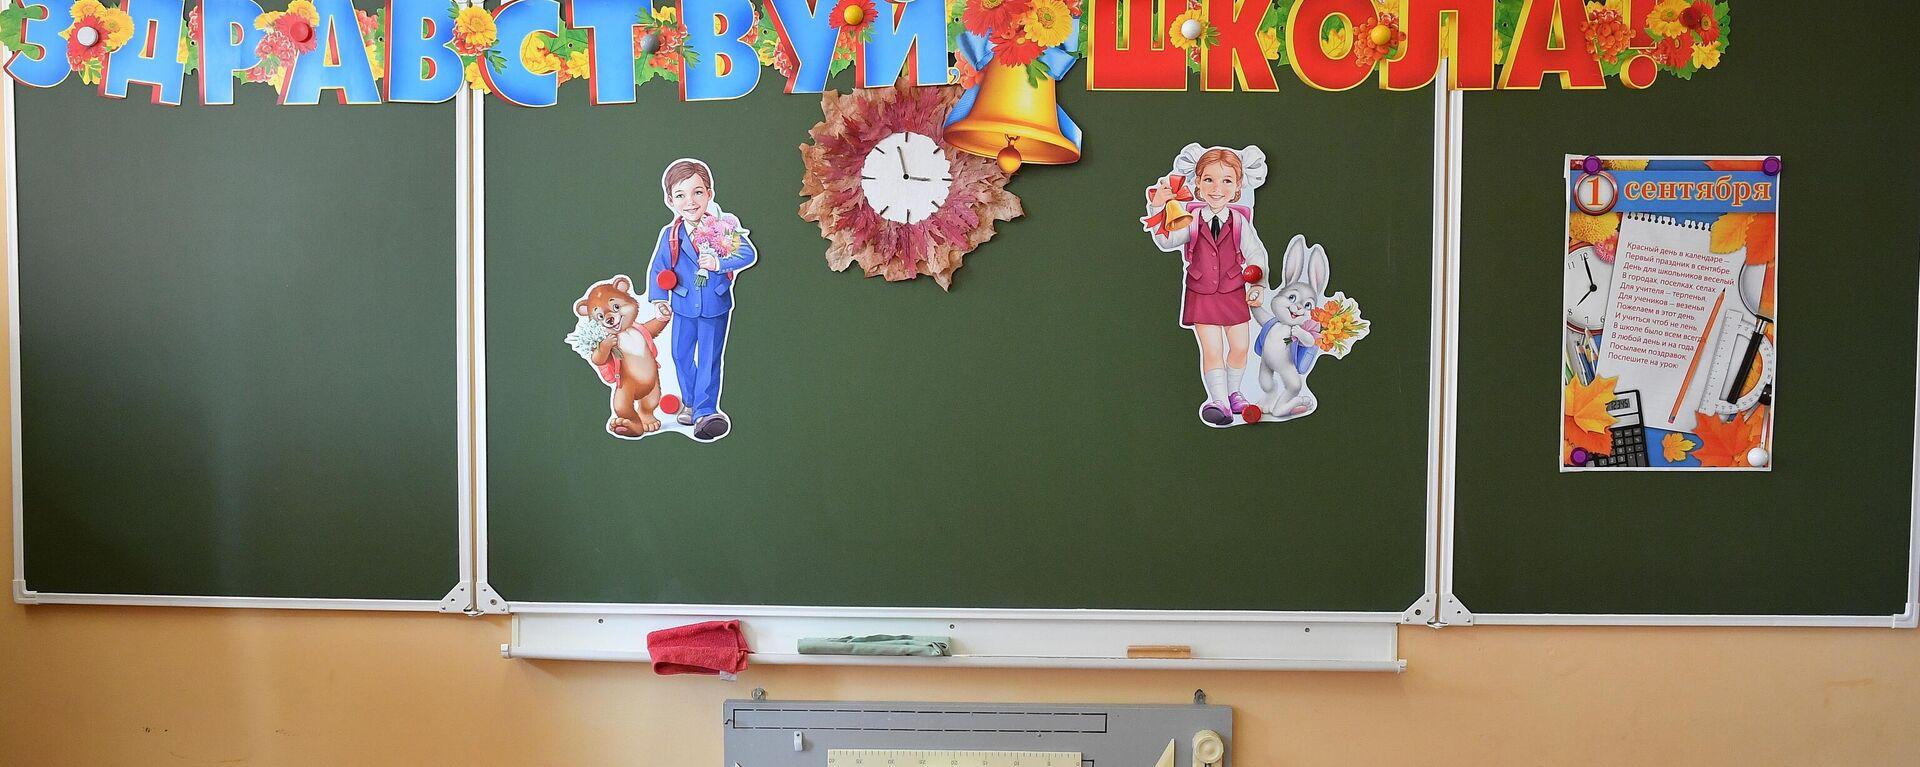 Подготовка школы к новому учебному году - Sputnik Ўзбекистон, 1920, 21.09.2021